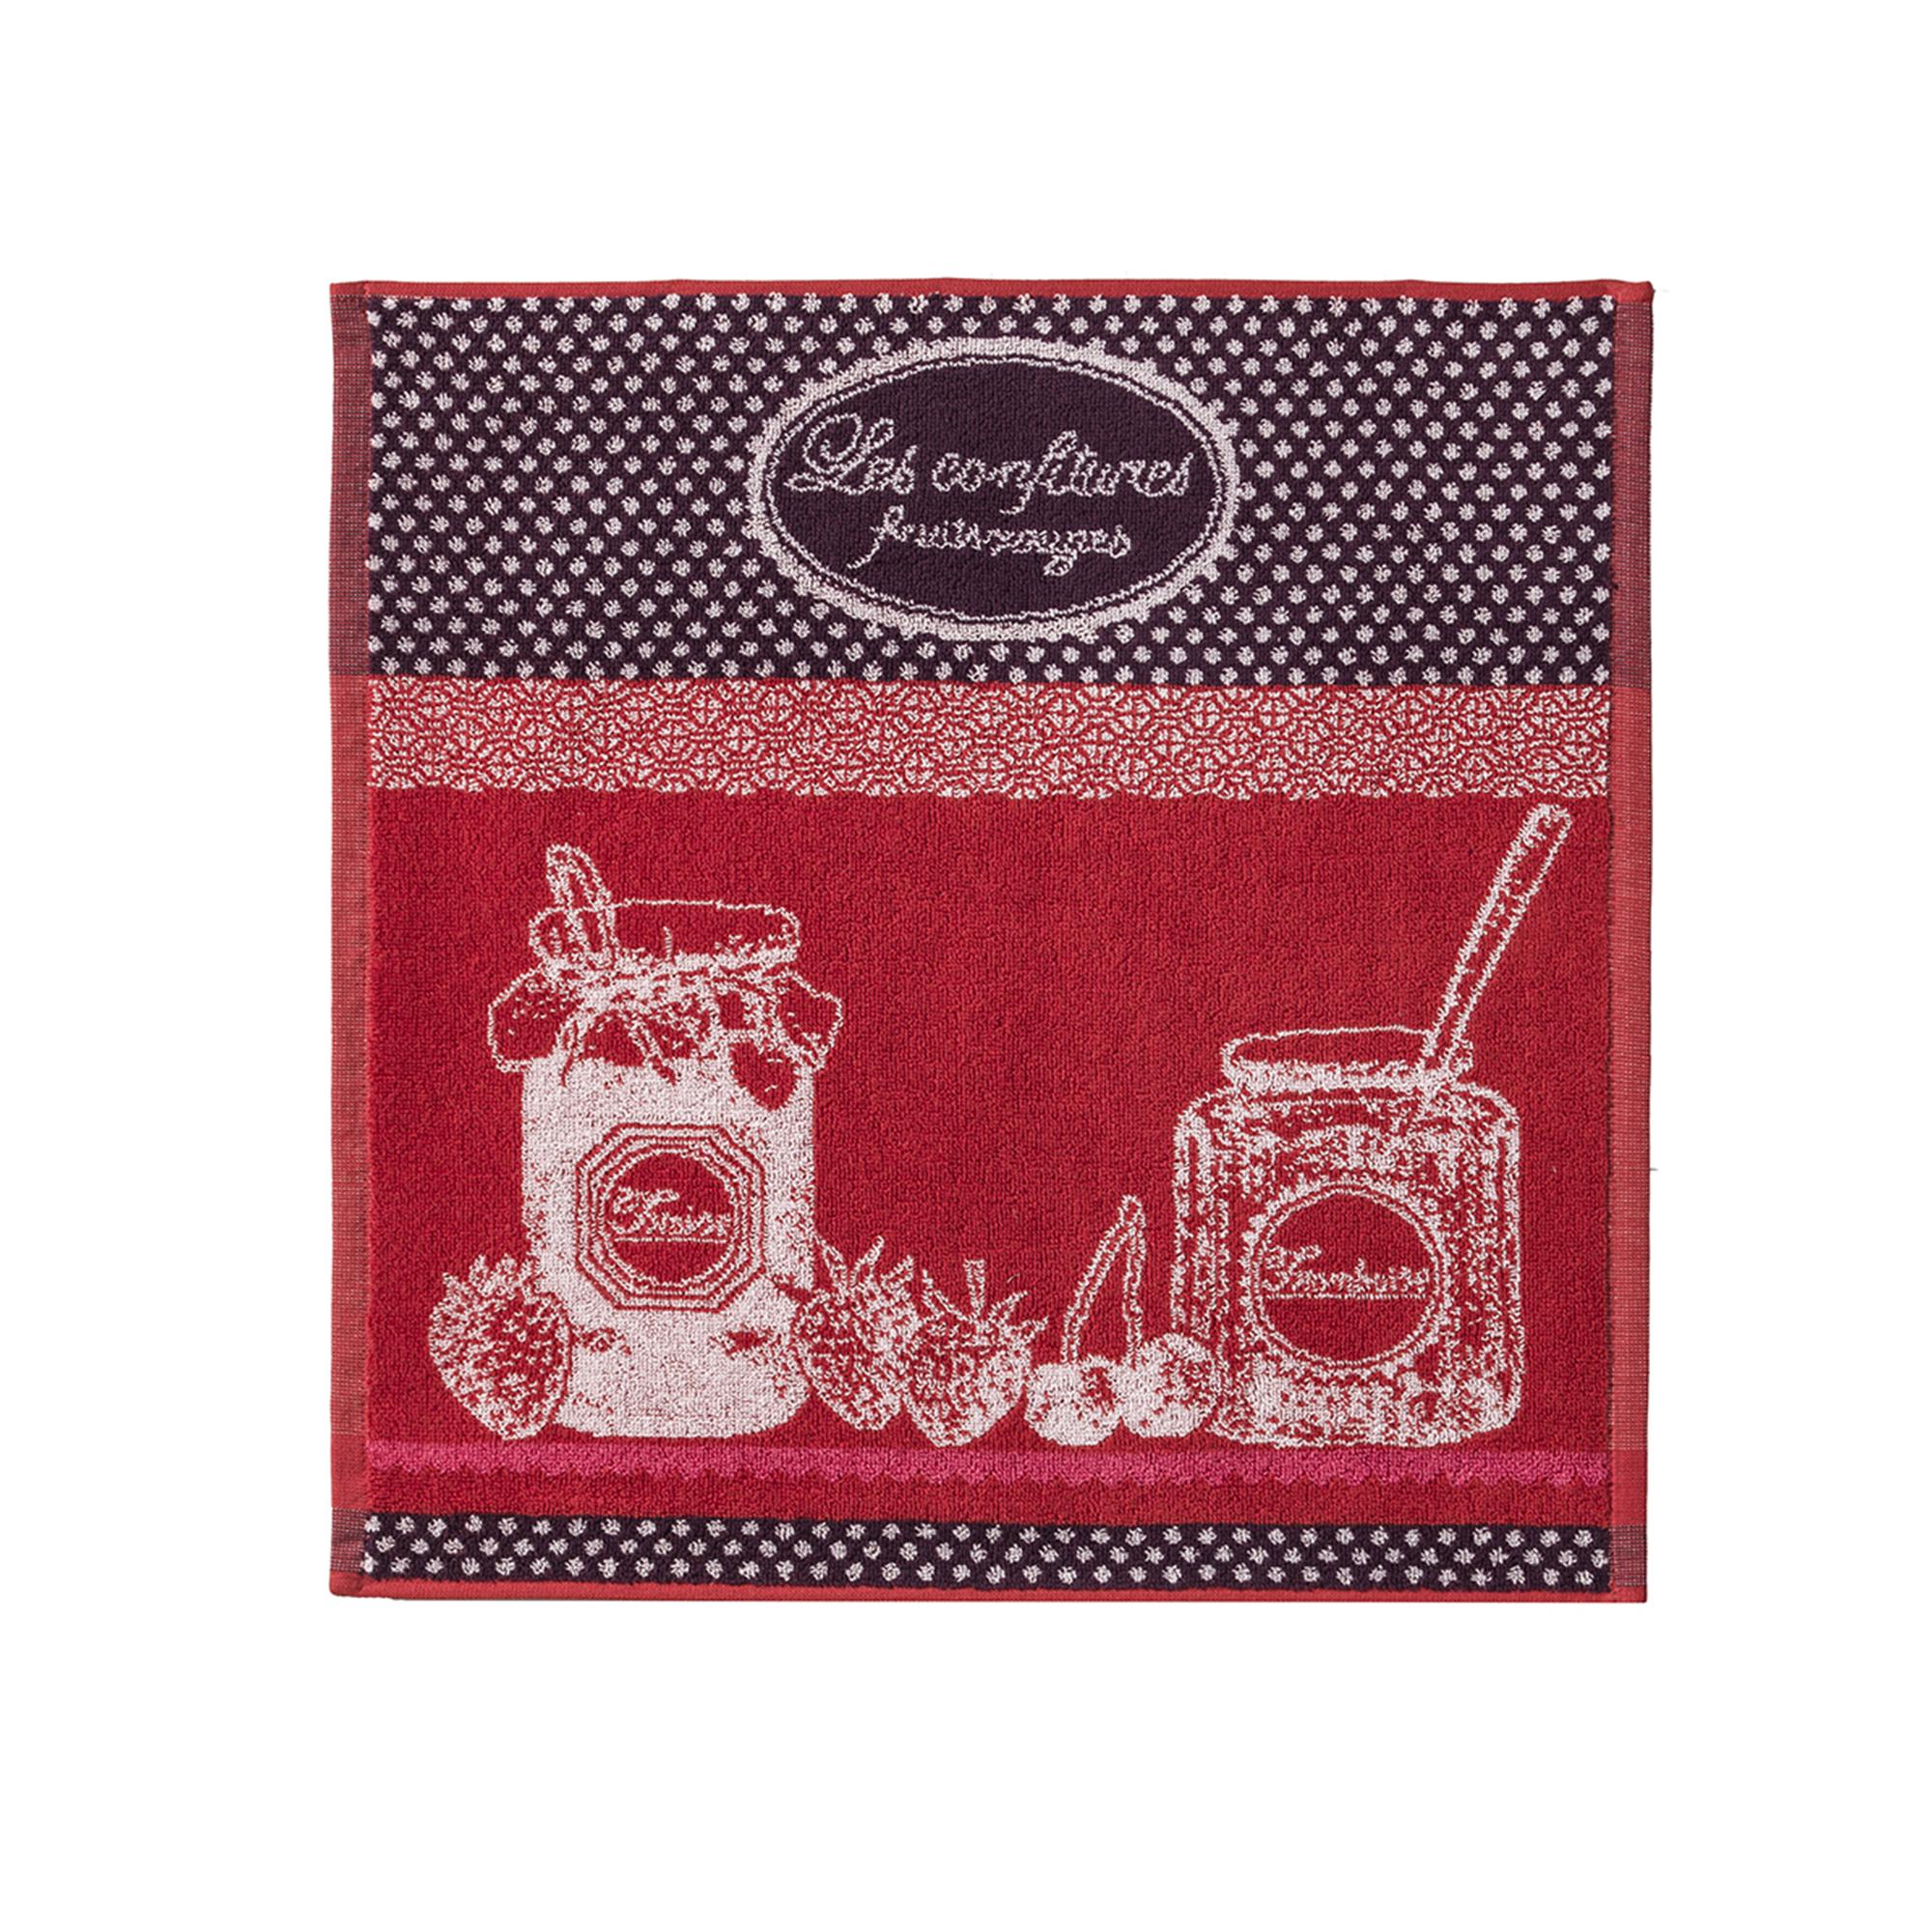 Carré éponge jacquard pur coton rouge 50 x 50